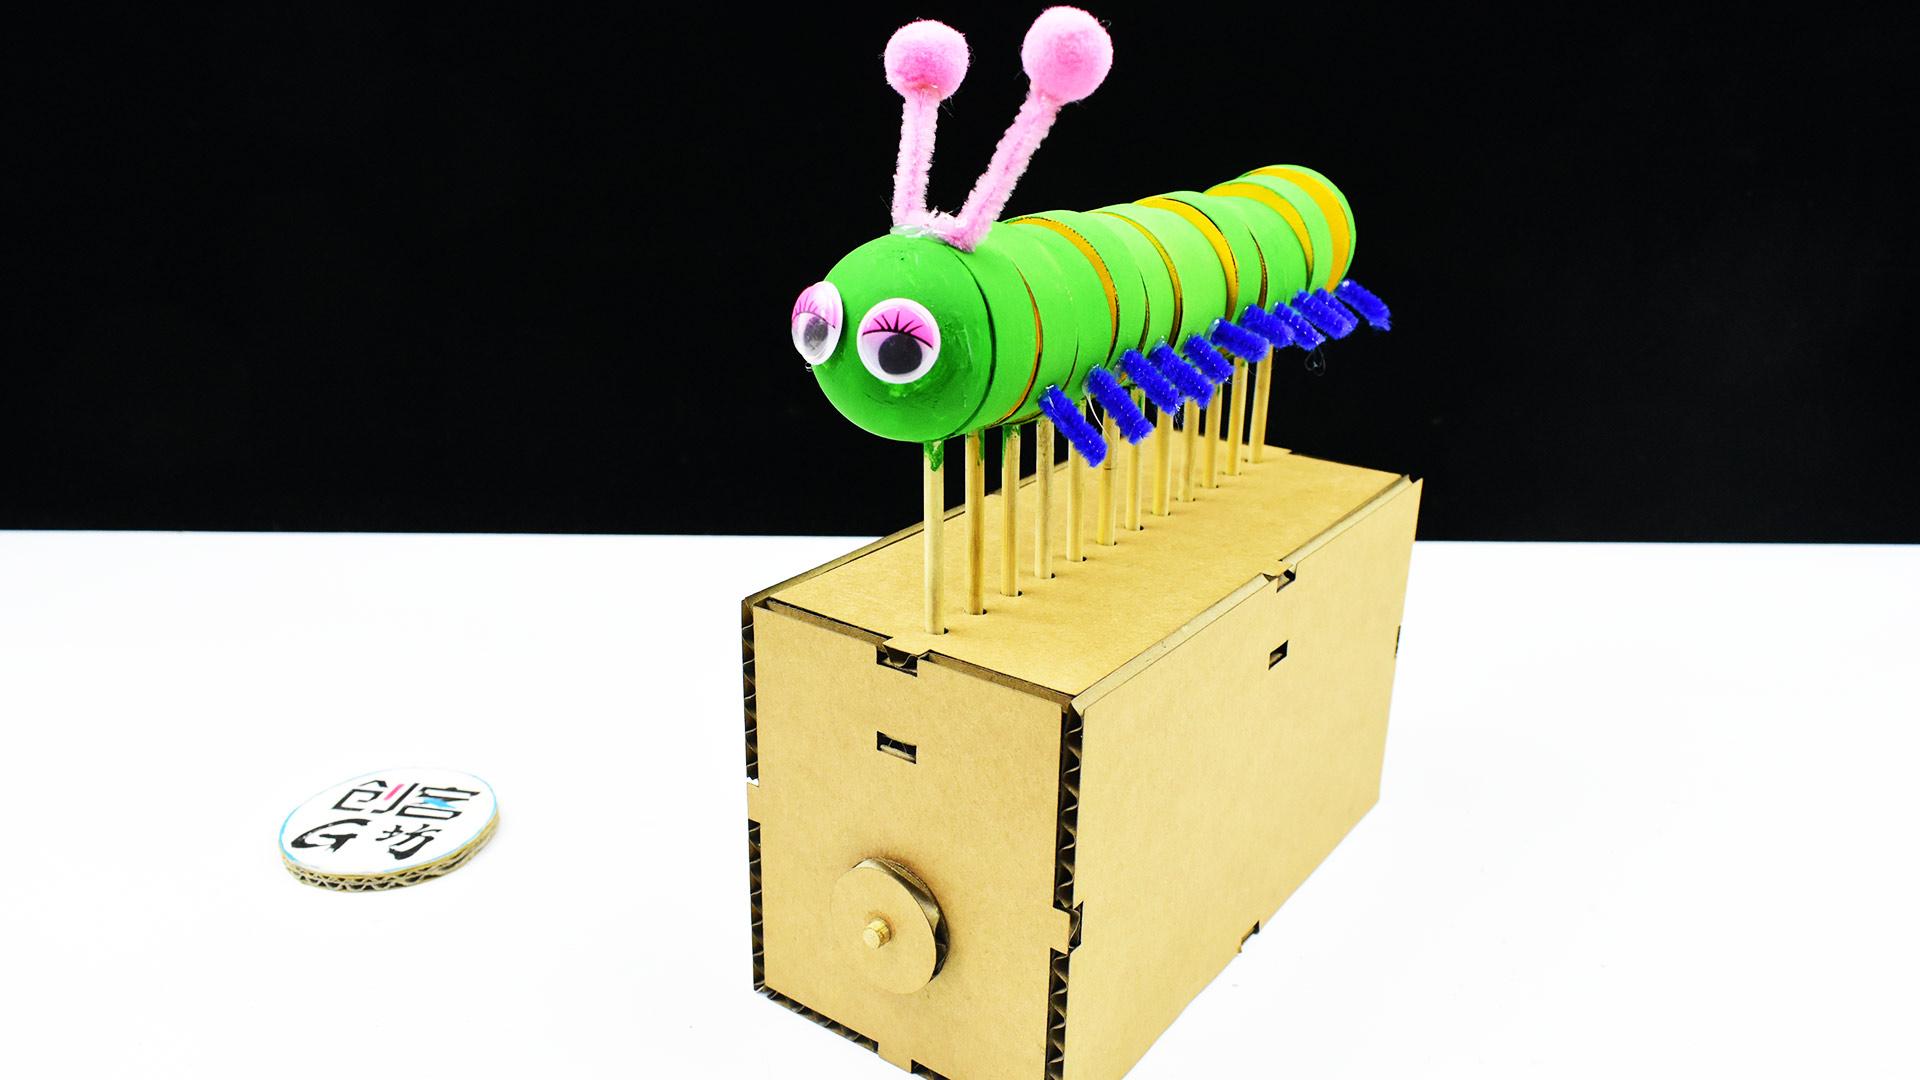 手工创意制作,纸板做的毛毛虫还能动!好玩还涨知识